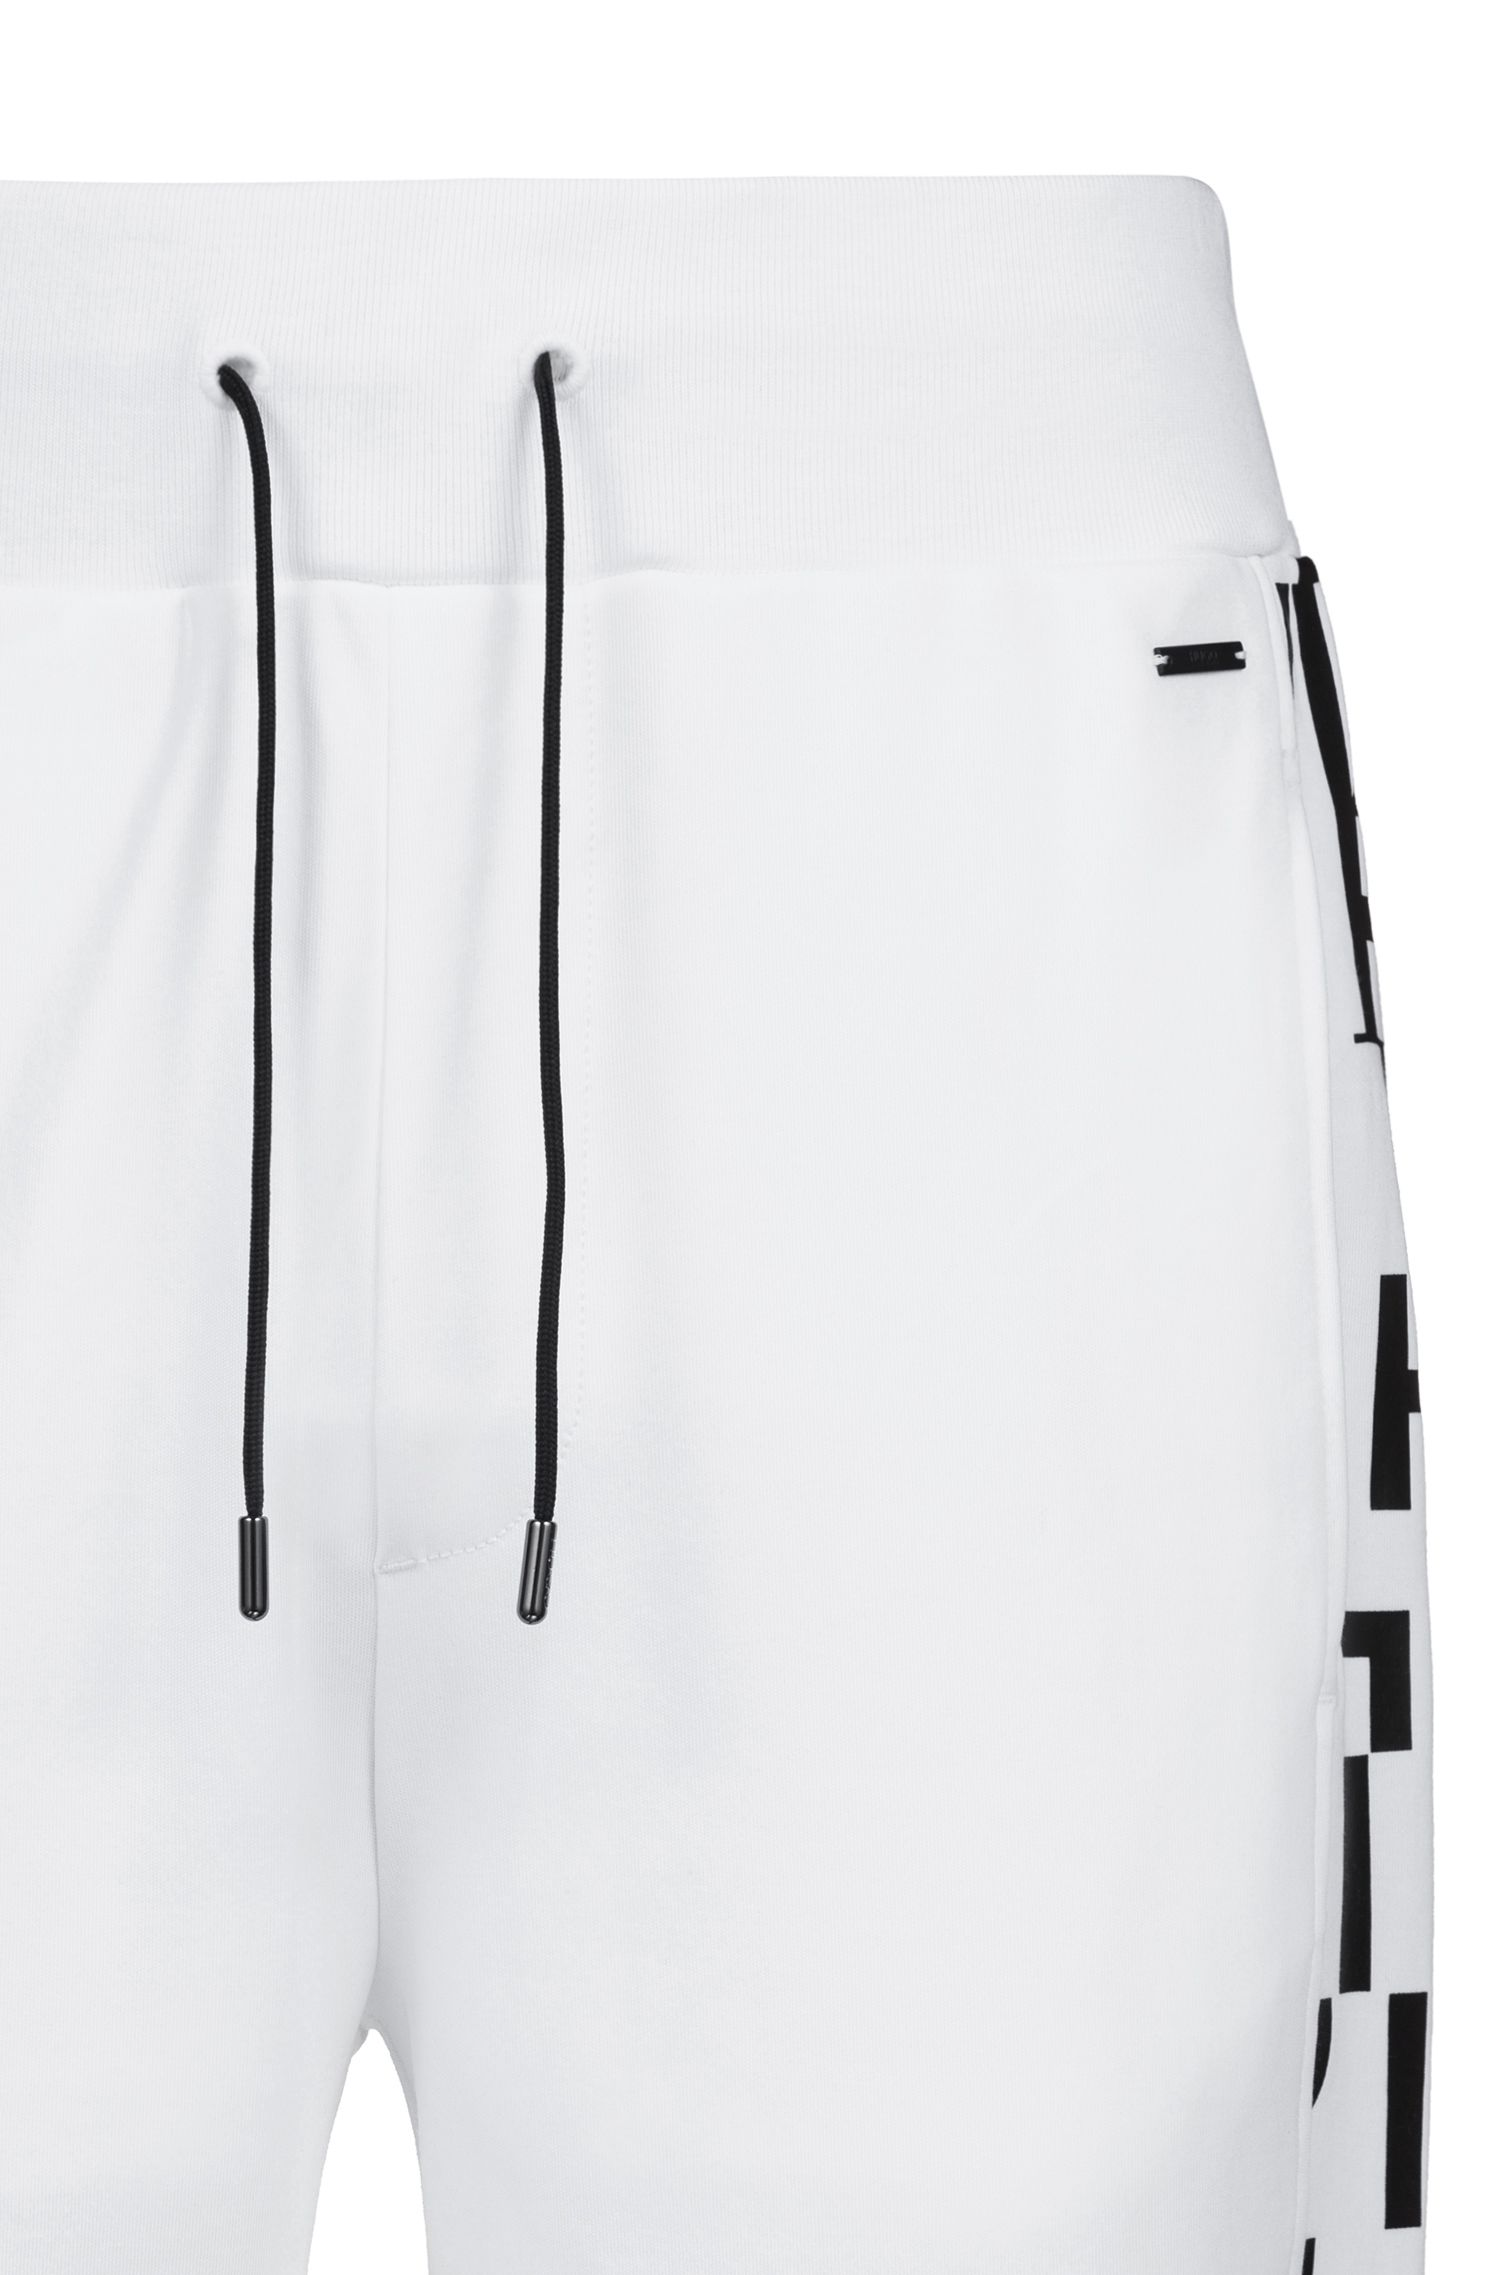 Hugo Boss - Pantalon Regular Fit en coton resserré au bas des jambes, avec empiècements imprimés - 5